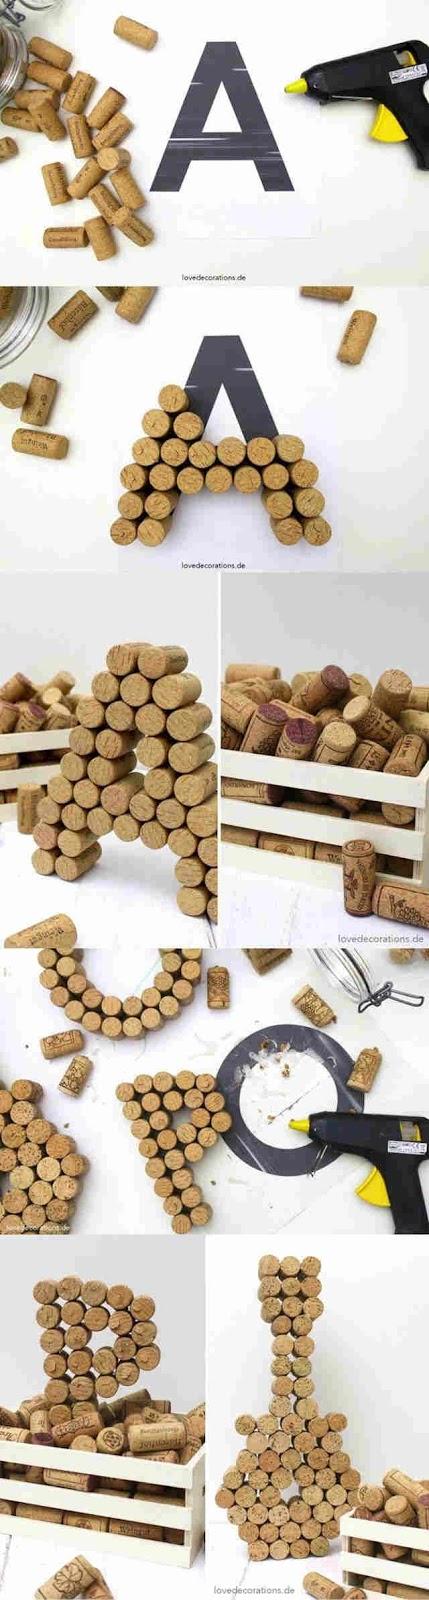 10 ideas sorprendentes para reciclar tapones de corcho, letras grandes